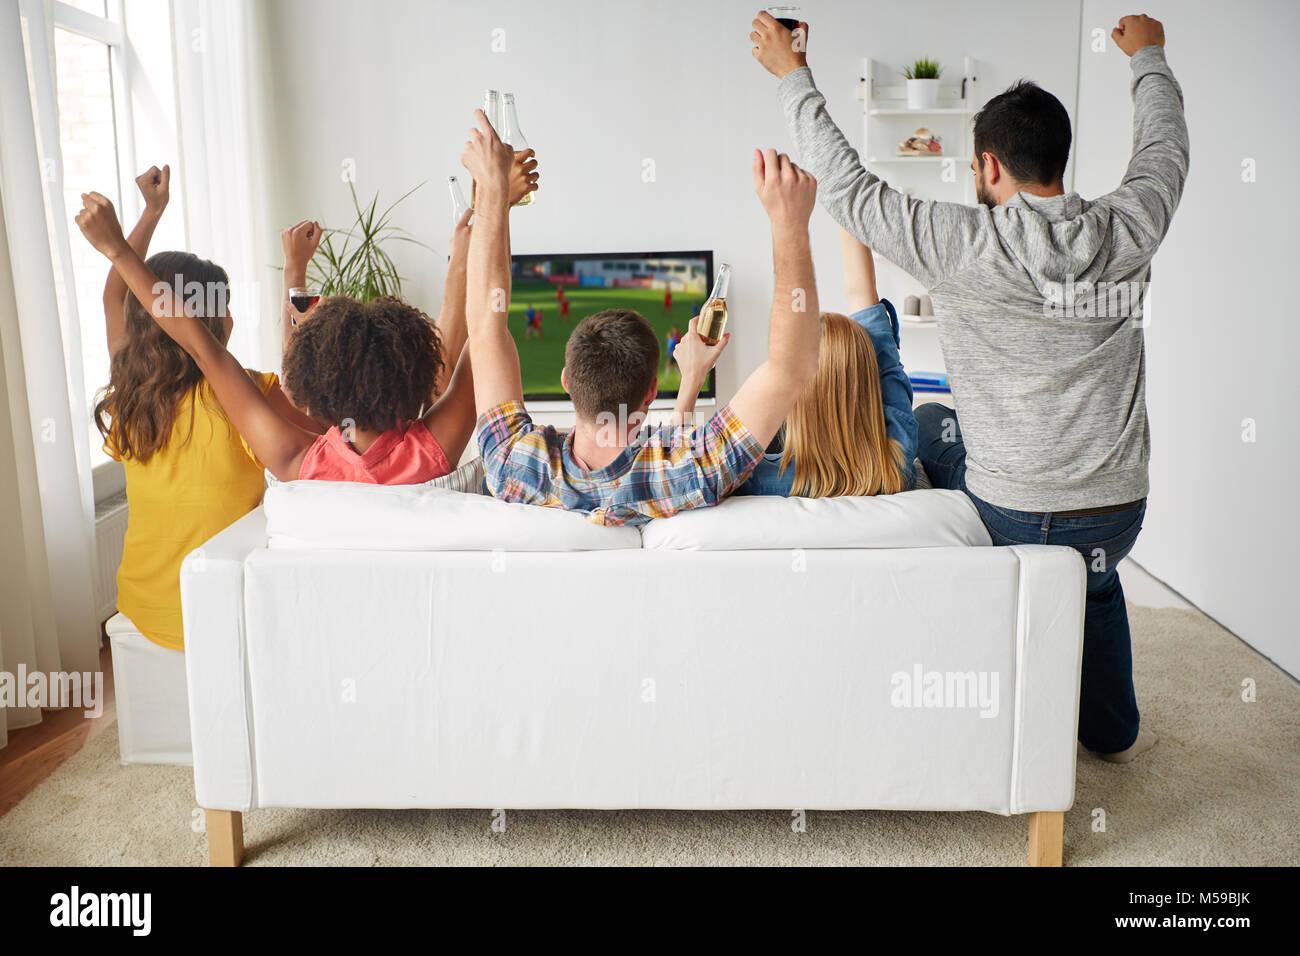 freunde mit bier gerade fu ball im fernsehen zu hause stockfoto bild 175383675 alamy. Black Bedroom Furniture Sets. Home Design Ideas